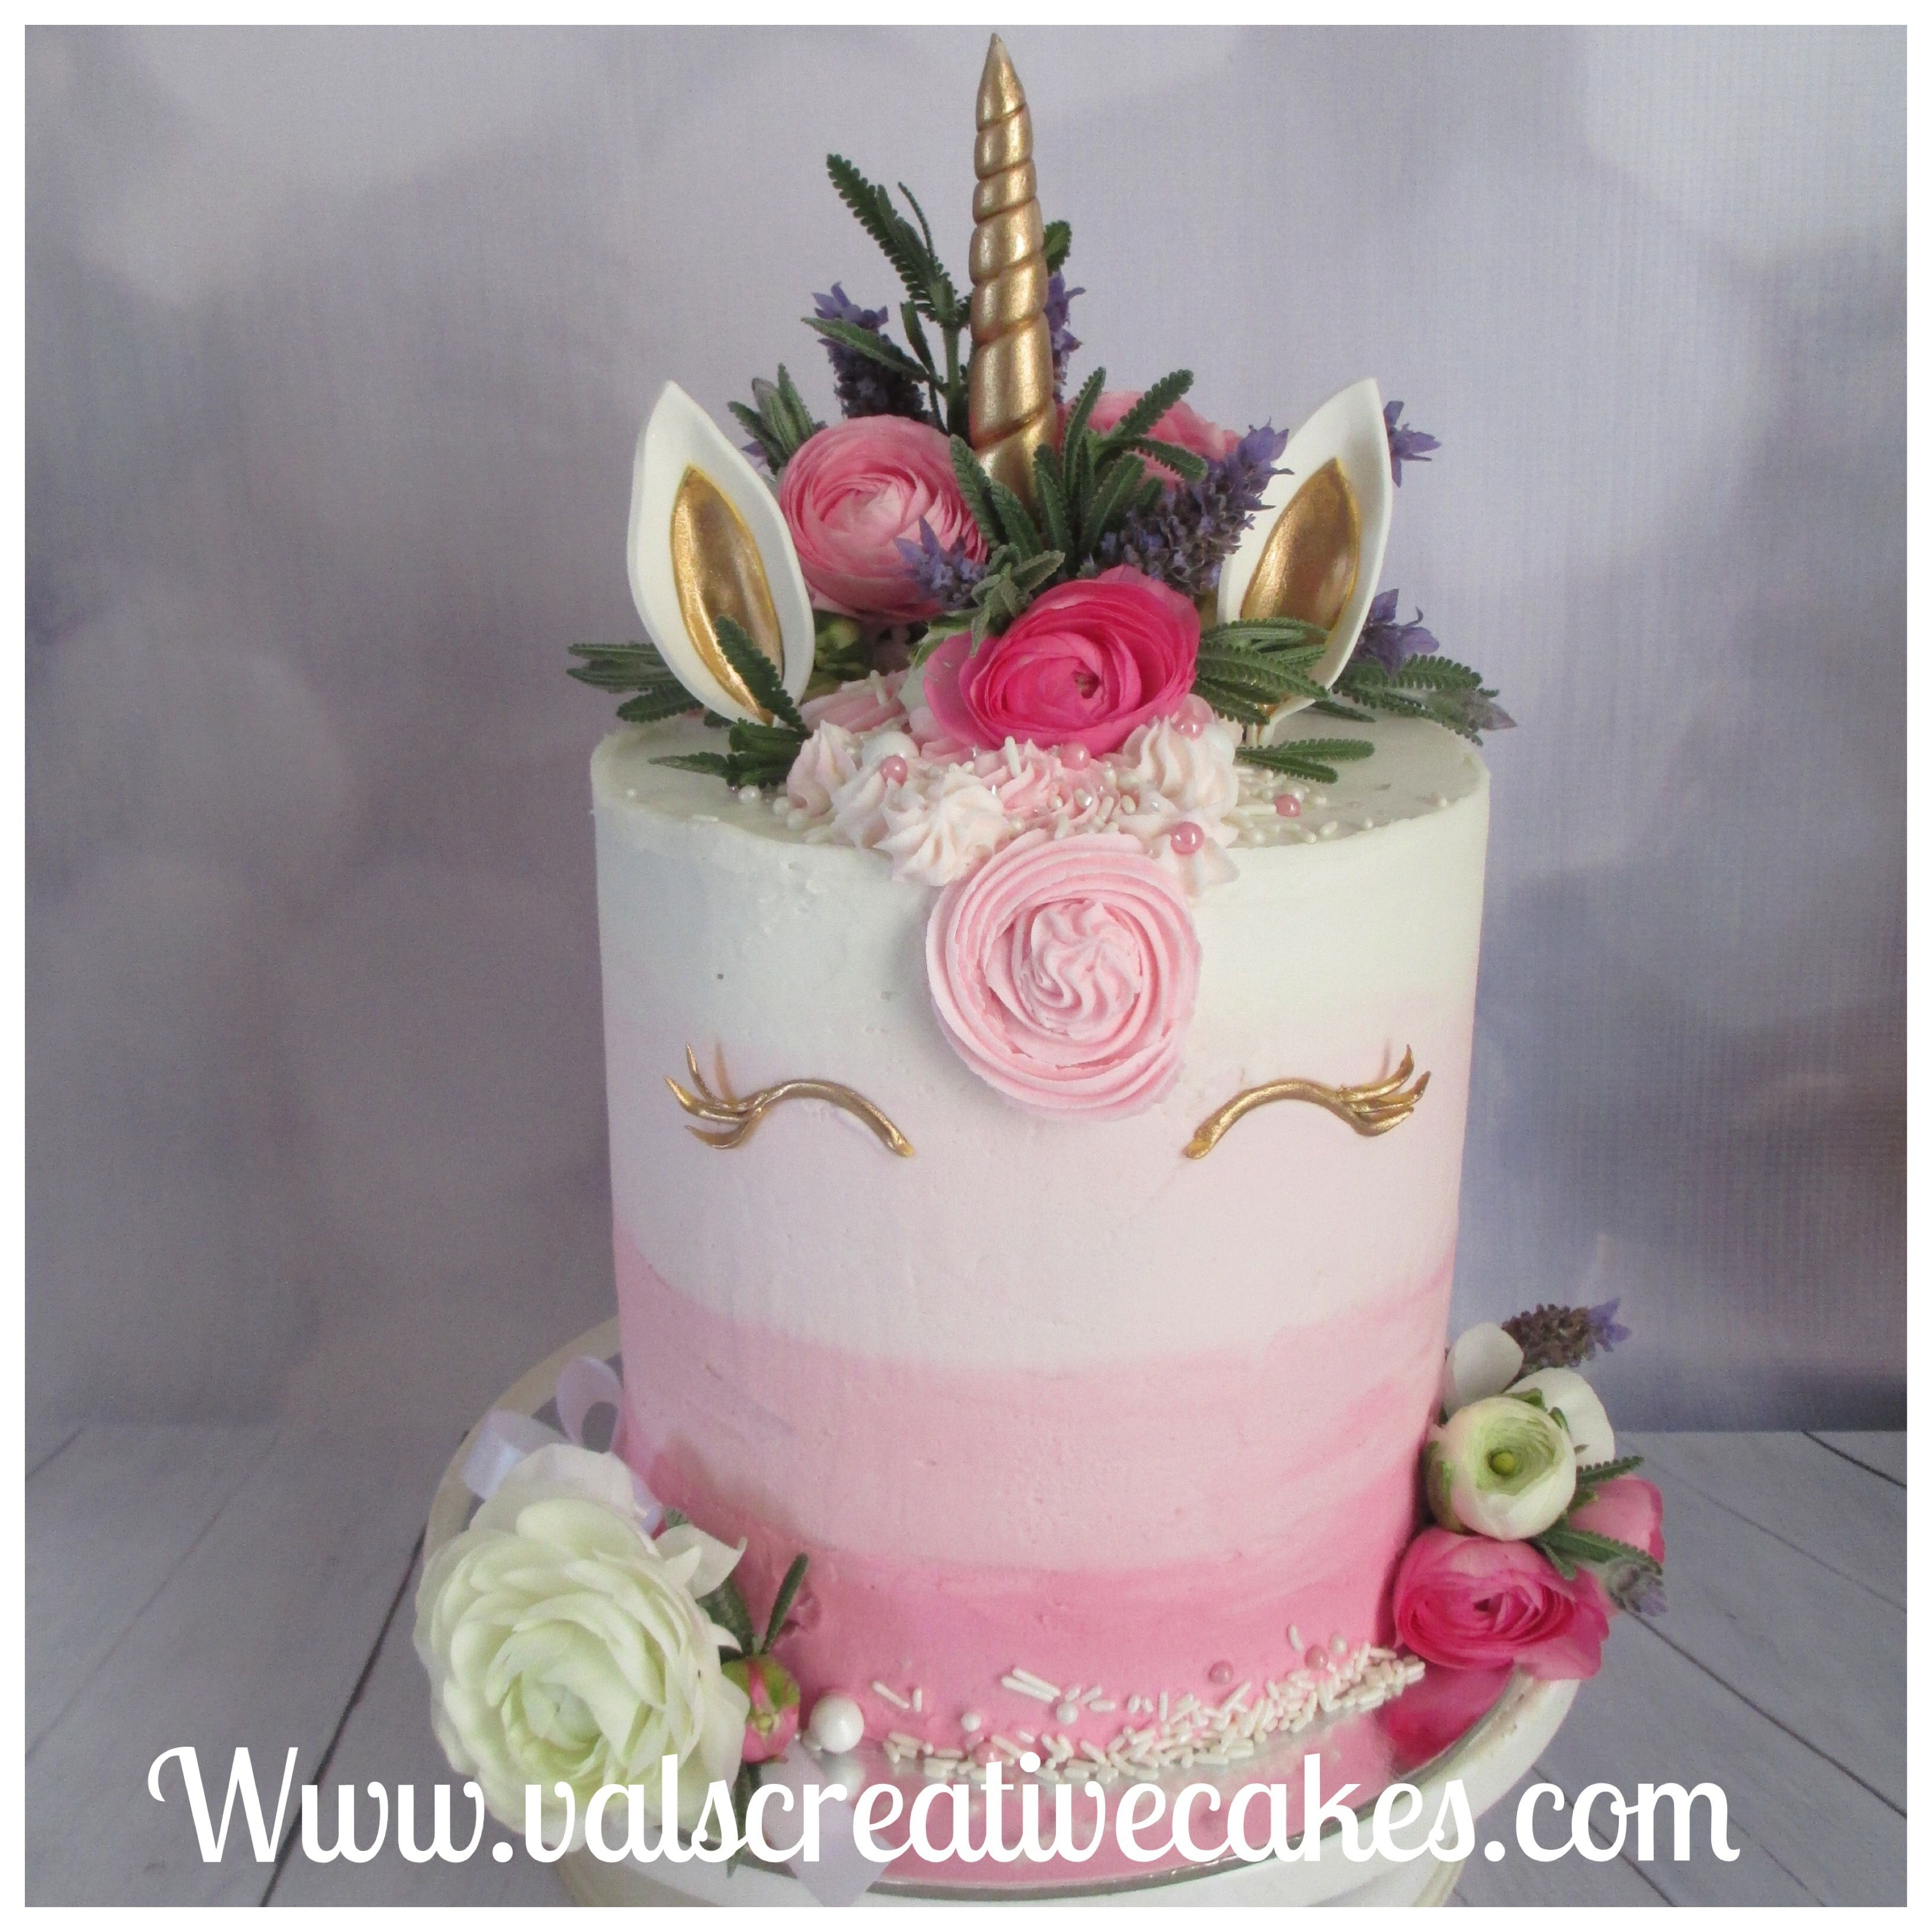 Unicorn Cake With Fresh Flowers